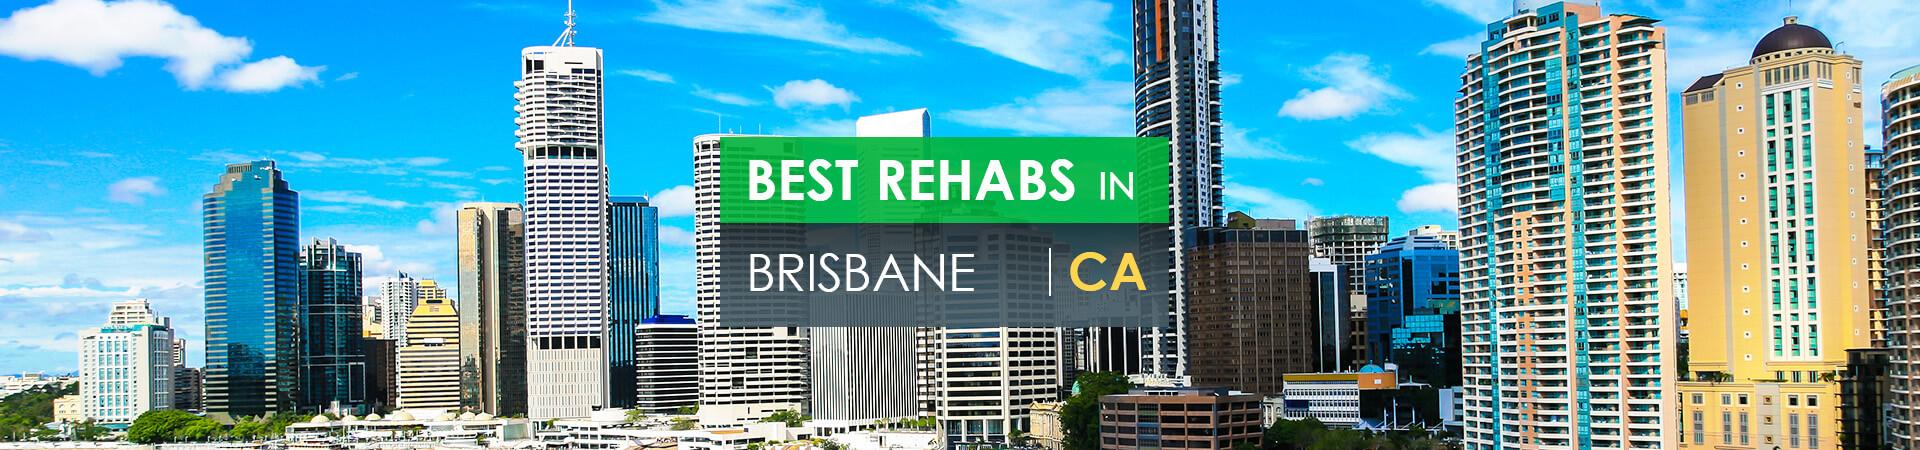 Best rehabs in Brisbane, CA